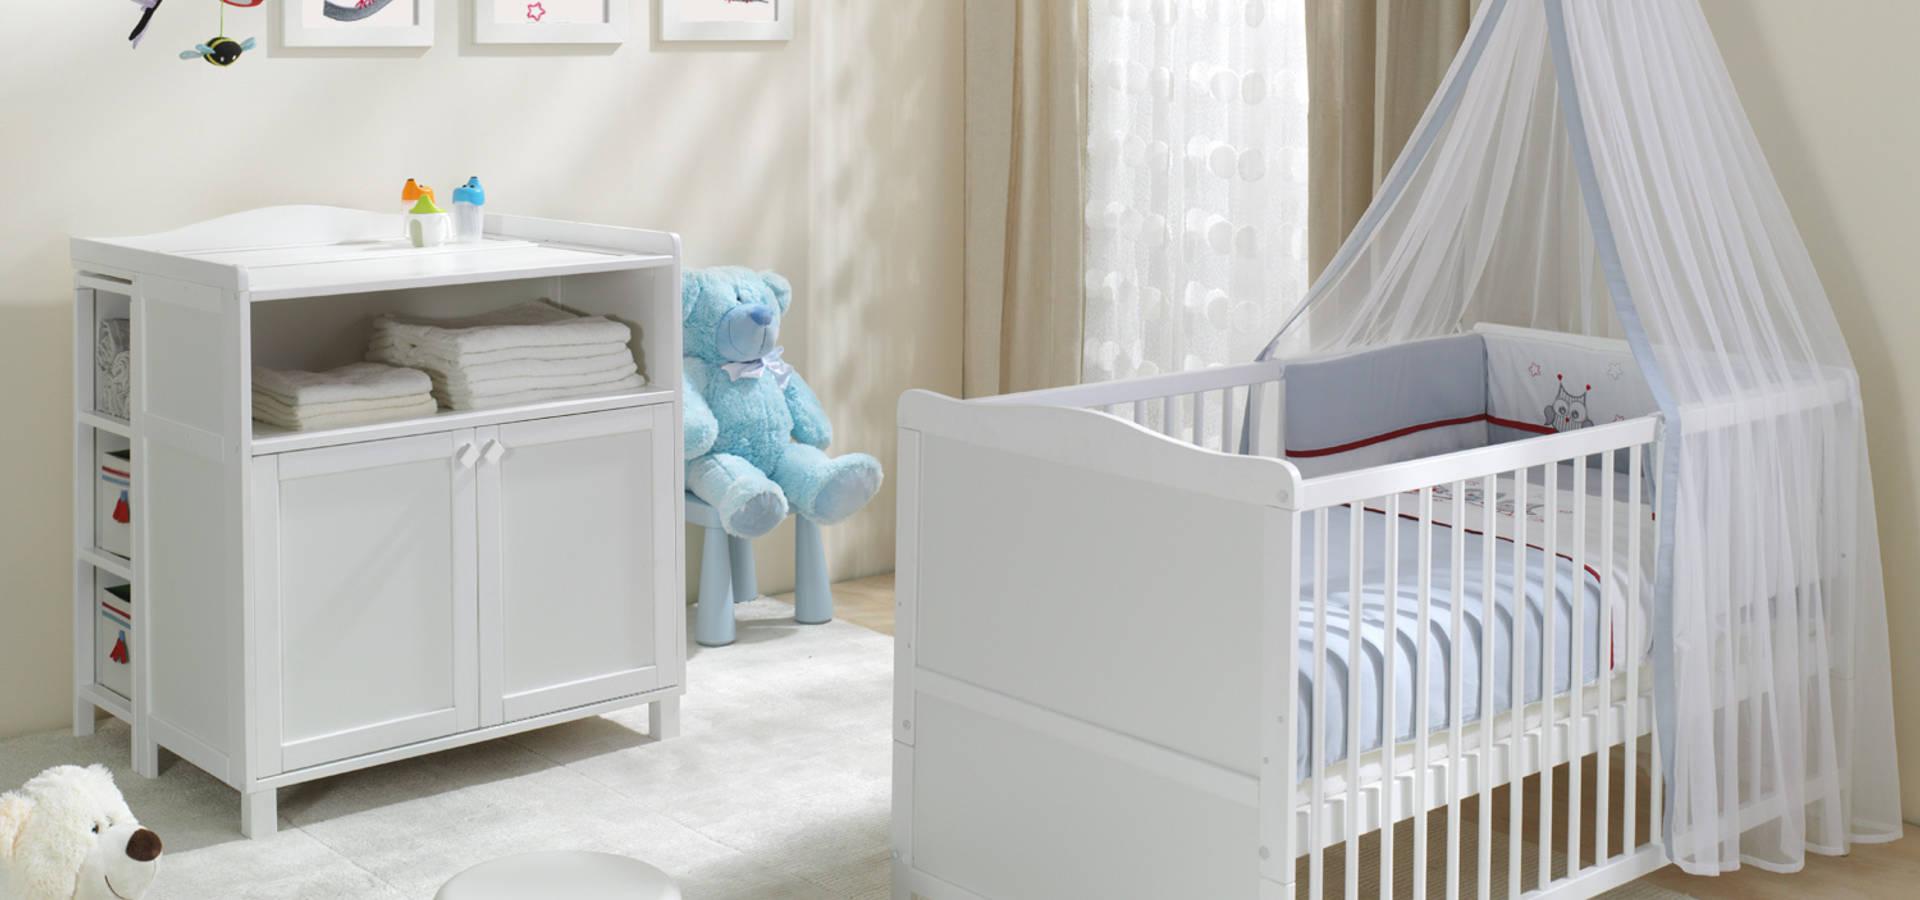 Jedynak Babywelt